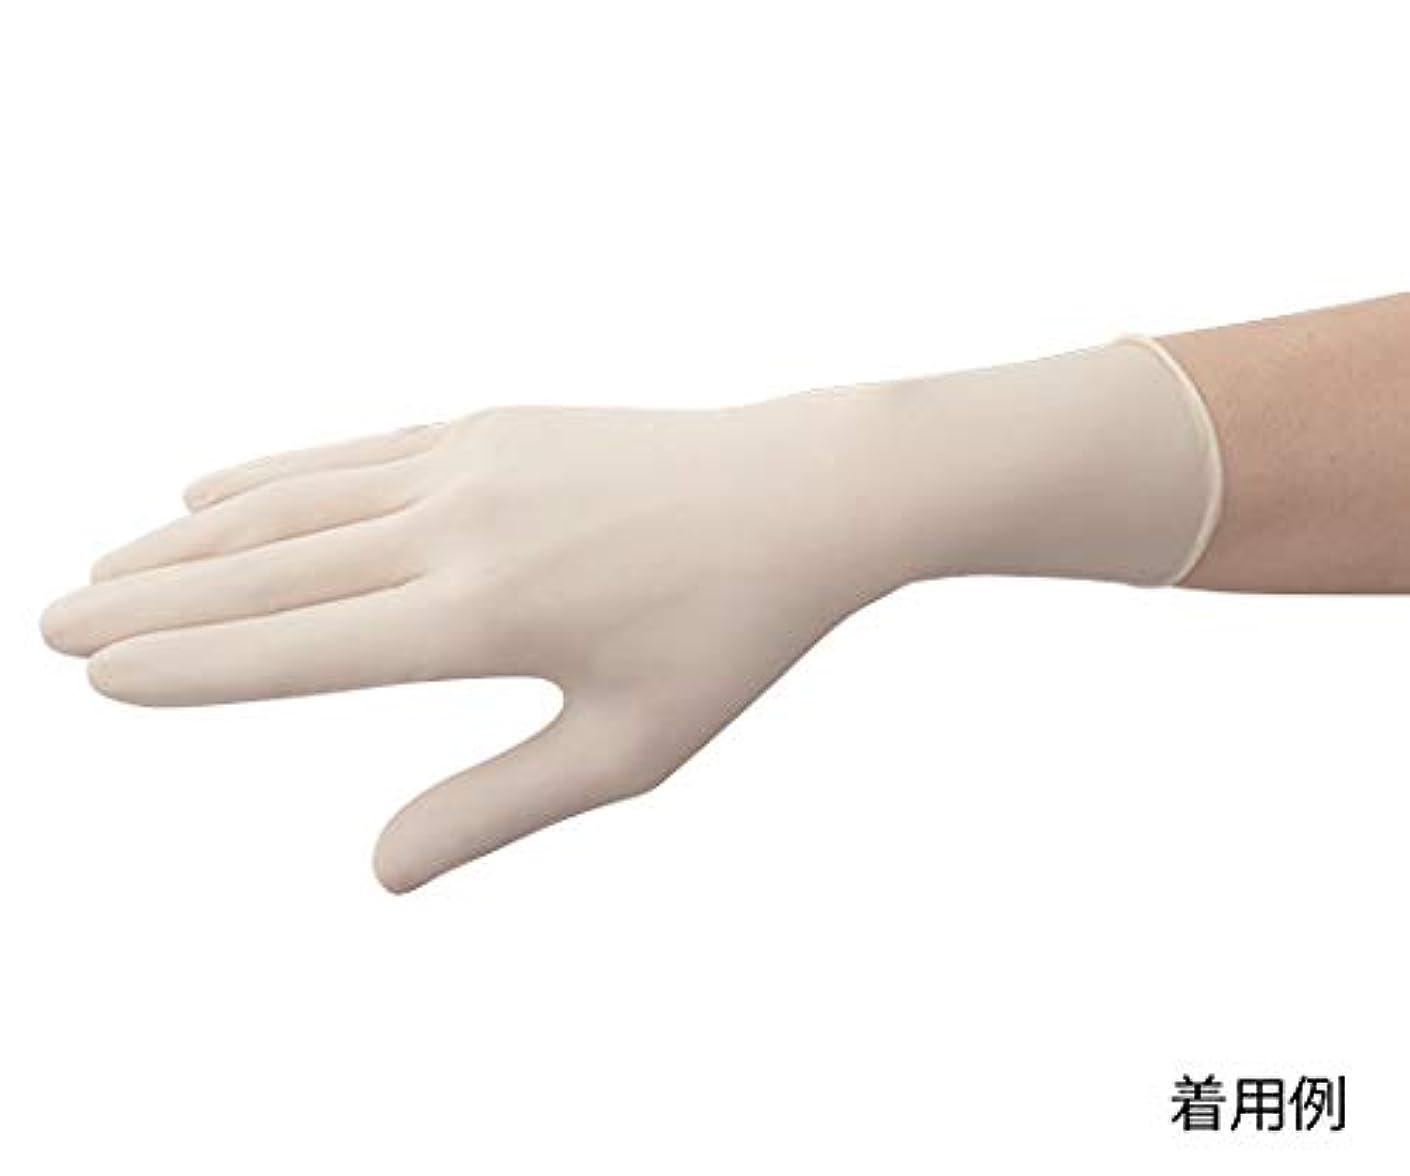 今化石船形東レ?メディカル 手術用手袋メディグリップ パウダーフリー50双 8175MG